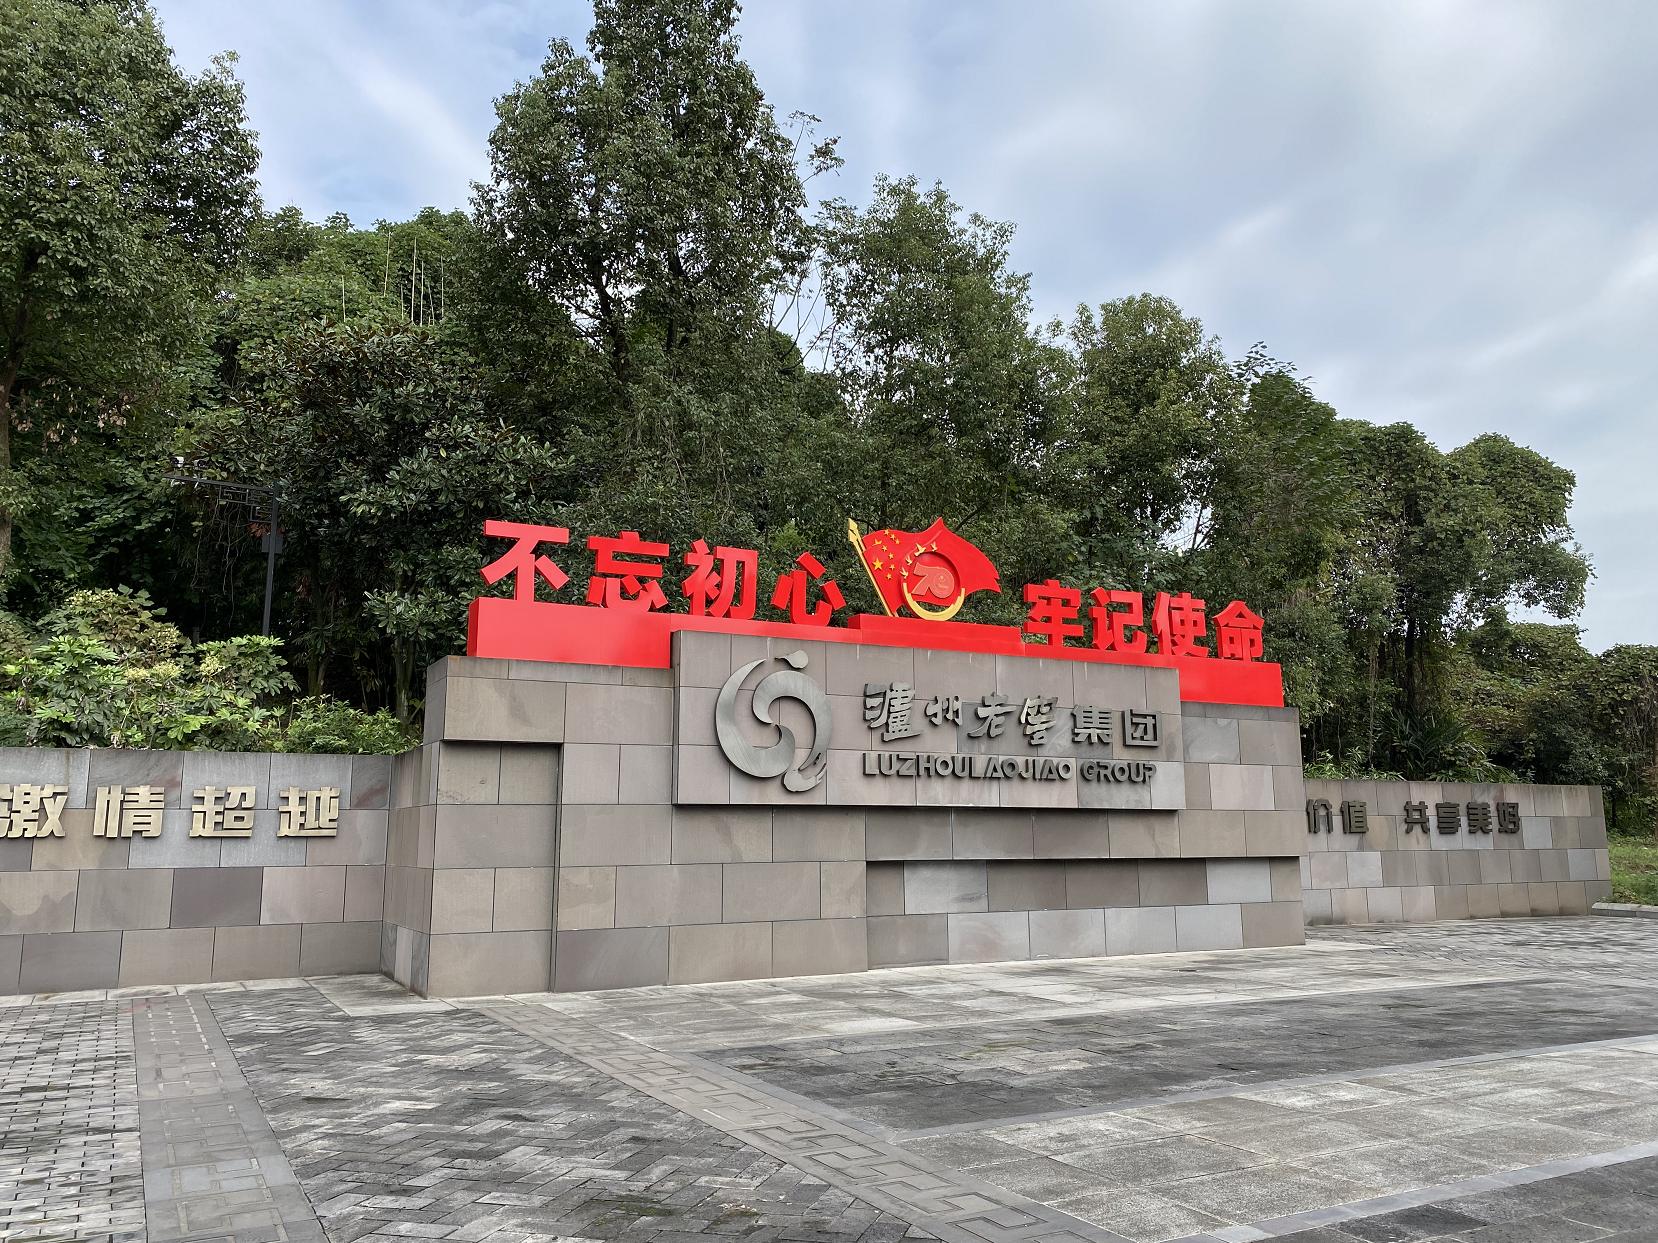 中国传统企业的云化之路,天翼云助力传统企业转型